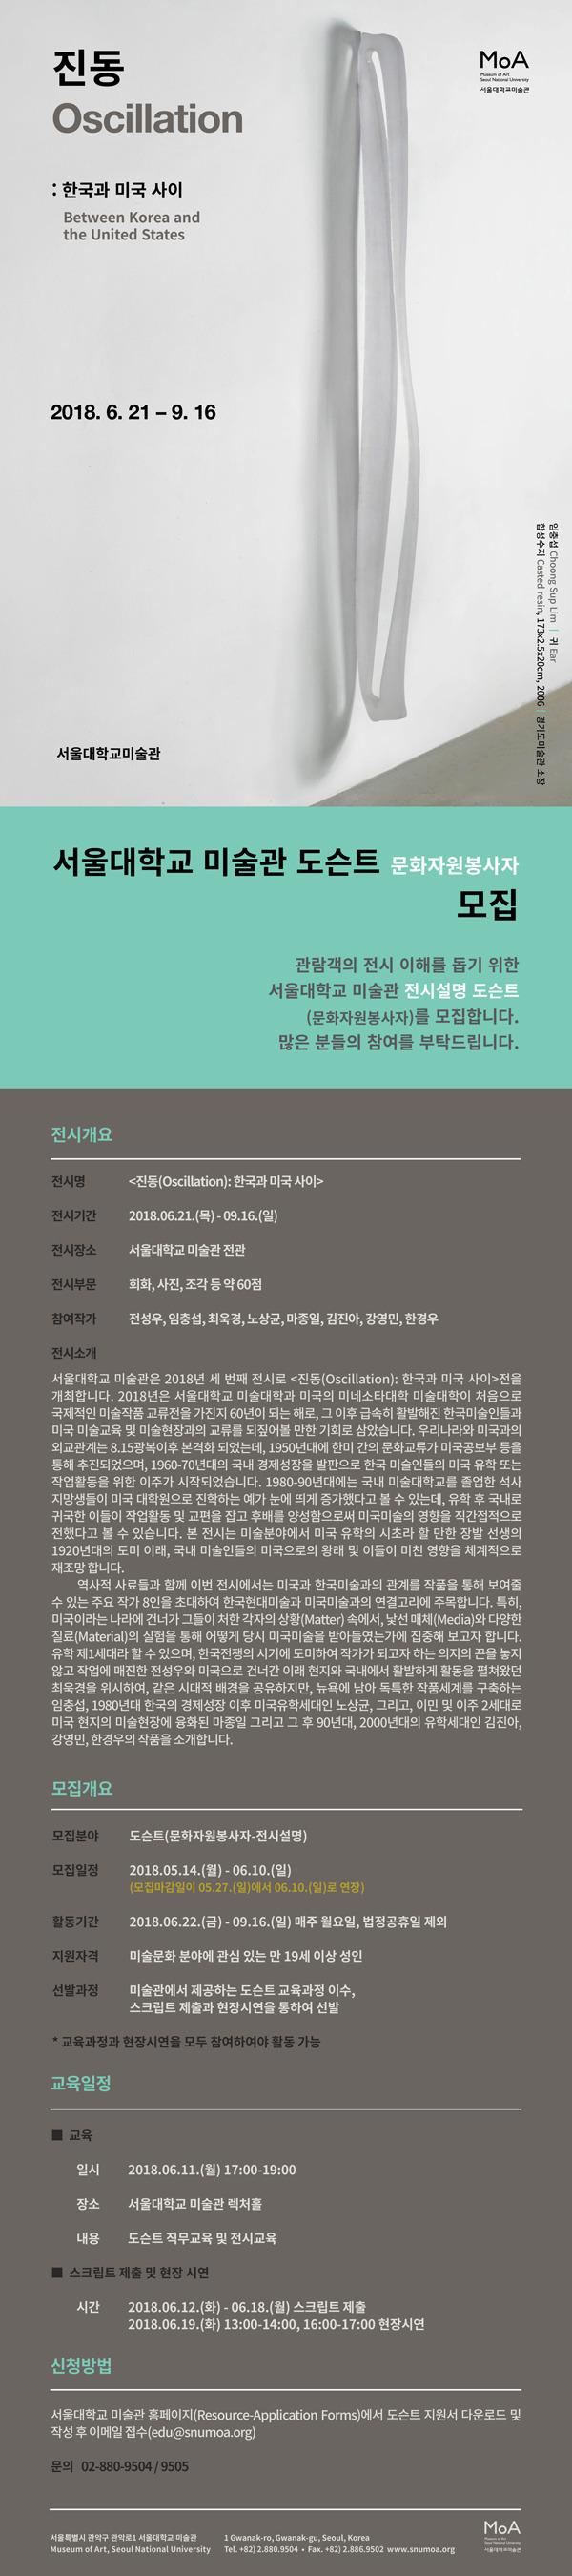 진동(Oscillation): 한국과 미국 사이